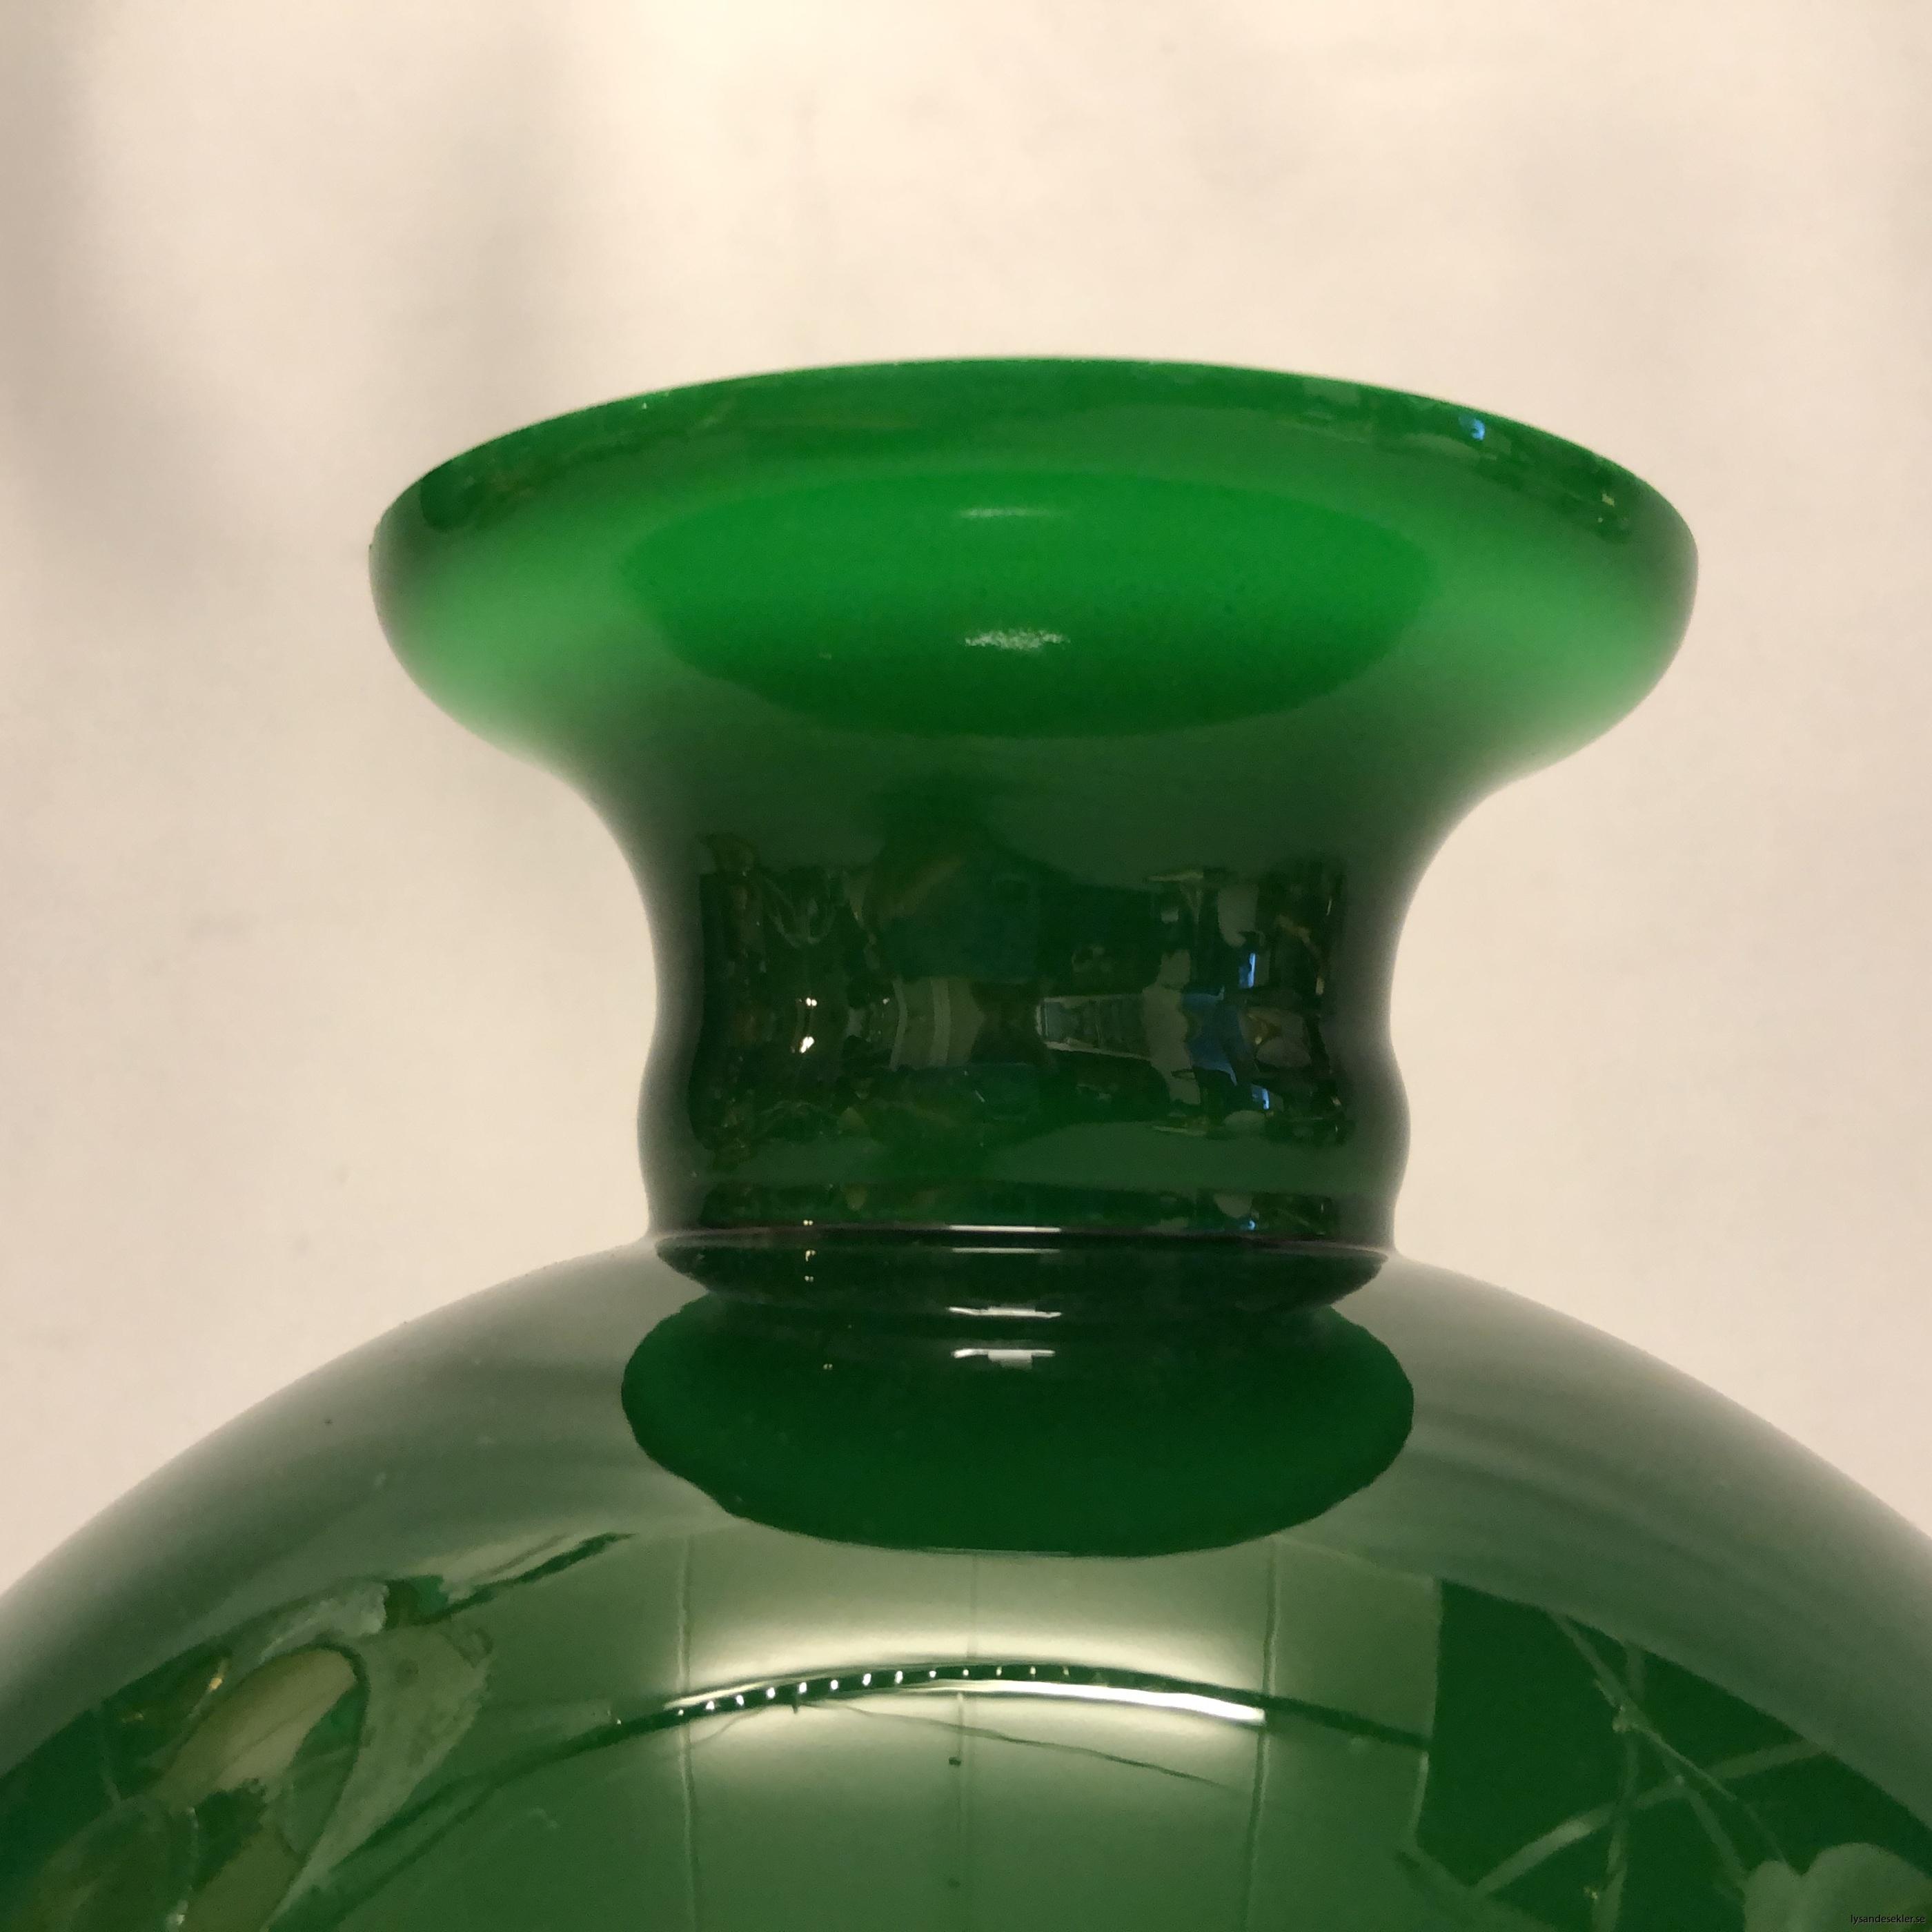 färgad vesta vestaskärm i färg fotogenskärm grön röd gul orange skärm till fotogenlampa67